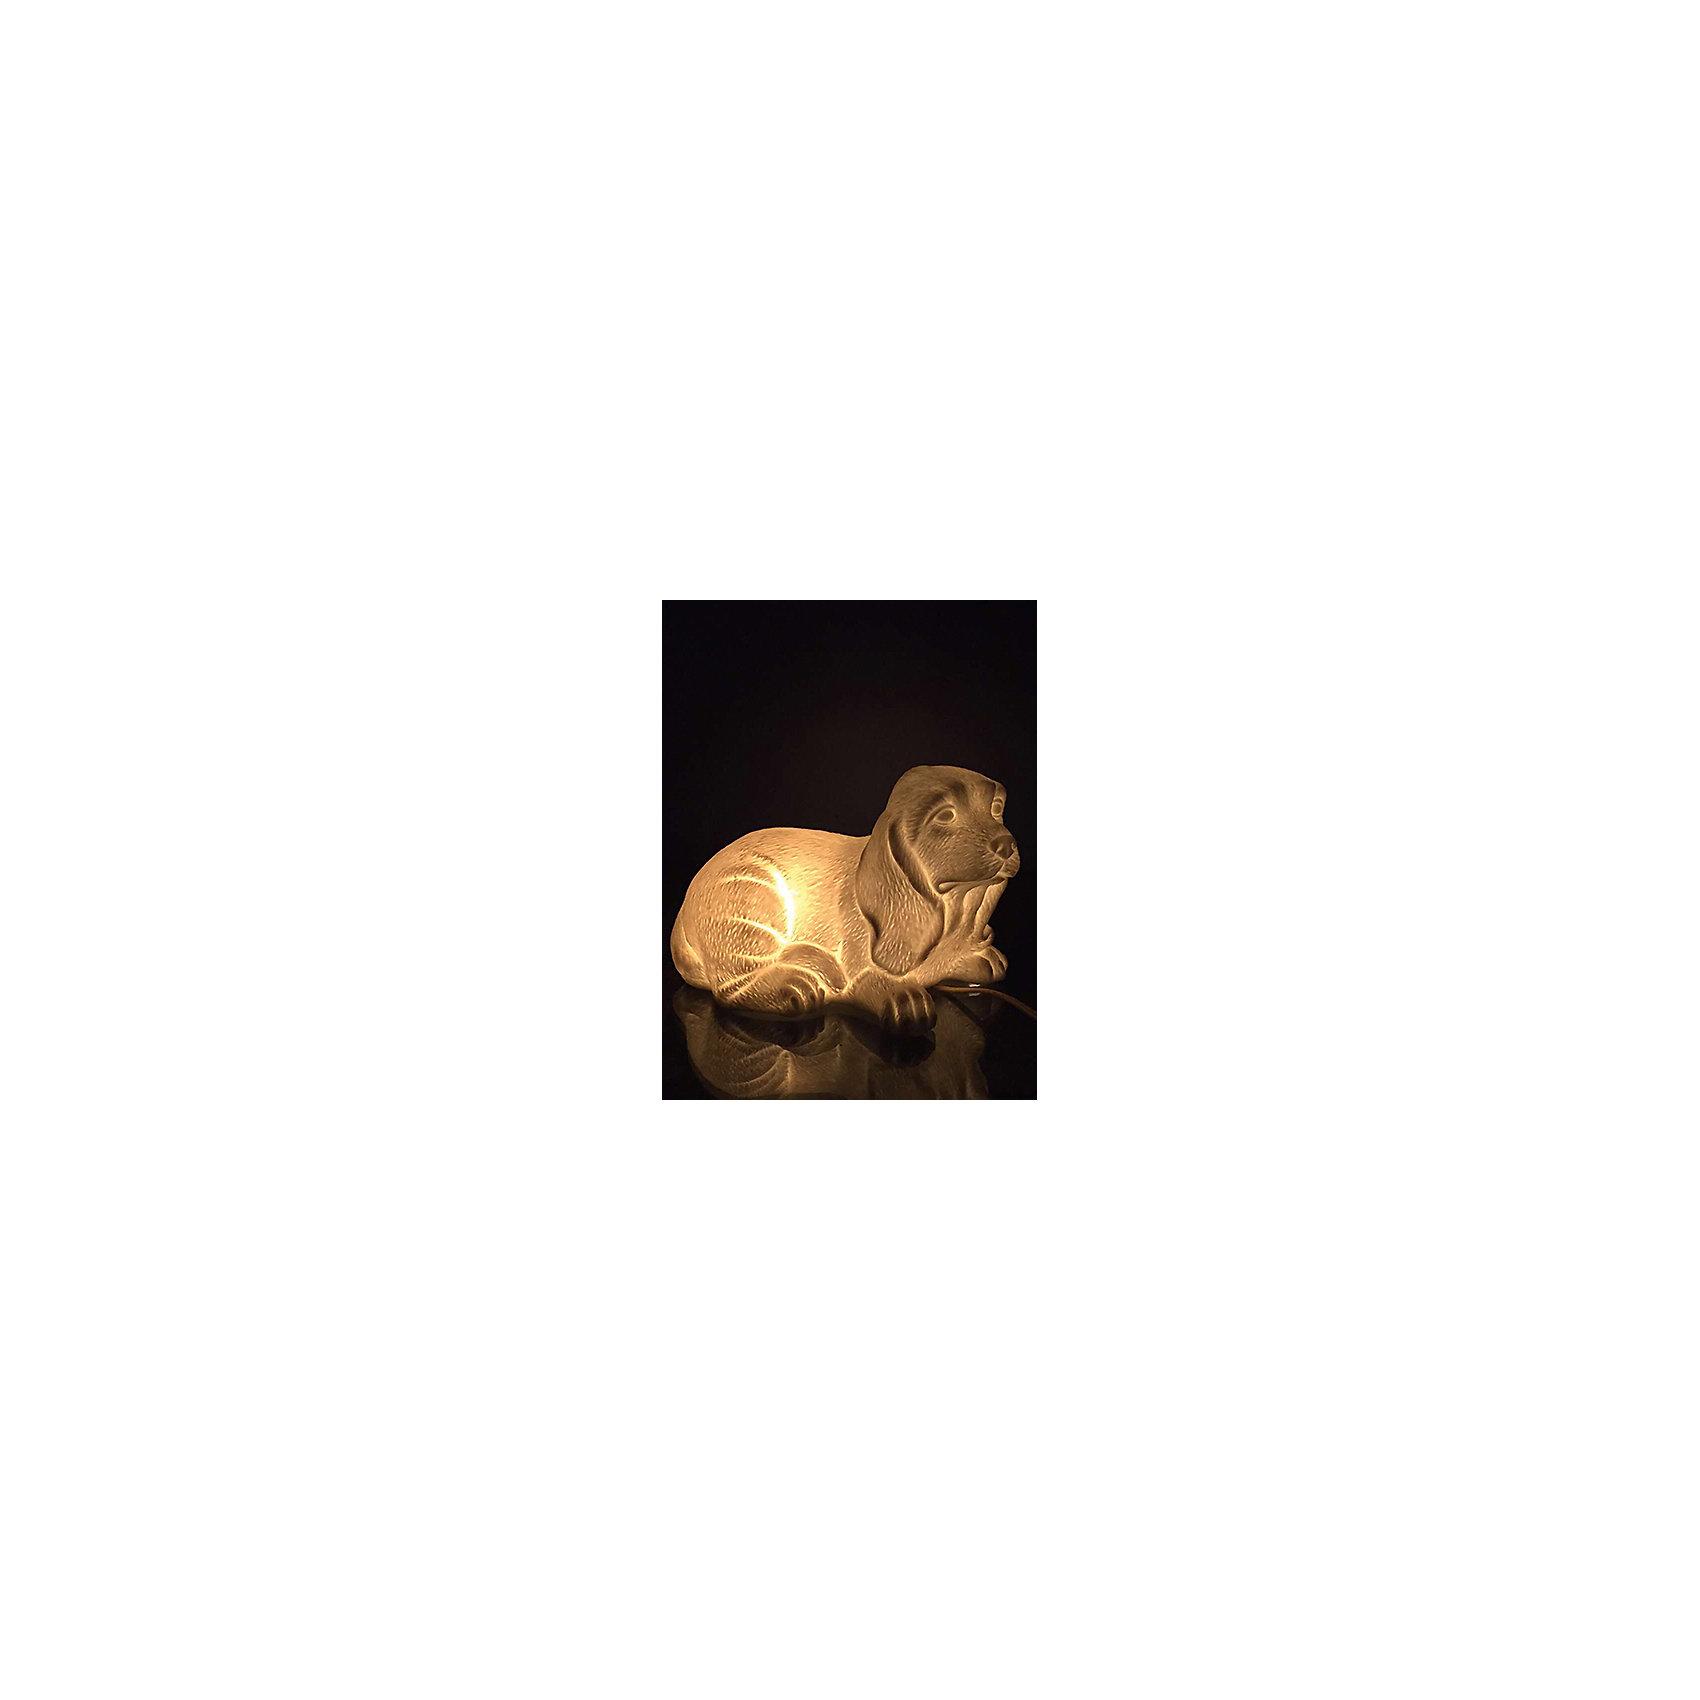 Лампа настольная Собака, электрическая из фарфора, Феникс-ПрезентЛампы, ночники, фонарики<br>Лампа настольная Собака, электрическая из фарфора, Феникс-Презент<br><br>Характеристики:<br><br>• красивый светильник в форме собаки<br>• лампа накаливания 220-250 В, 50 Гц<br>• материал: фарфор<br>• размер: 21х12,5х15 см<br><br>Мягкий свет и оригинальная форма светильника Собака порадуют любителей необычных предметов интерьера. Лампа изготовлена из качественного фарфора и выполнена в виде лежащей собаки. Оригинальная собачка займет достойное место у вас дома! Размер светильника - 21х12,5х15 сантиметров.<br><br>Лампу настольную Собака, электрическую из фарфора, Феникс-Презент вы можете купить в нашем интернет-магазине.<br><br>Ширина мм: 500<br>Глубина мм: 500<br>Высота мм: 350<br>Вес г: 10840<br>Возраст от месяцев: 120<br>Возраст до месяцев: 2147483647<br>Пол: Унисекс<br>Возраст: Детский<br>SKU: 5449759